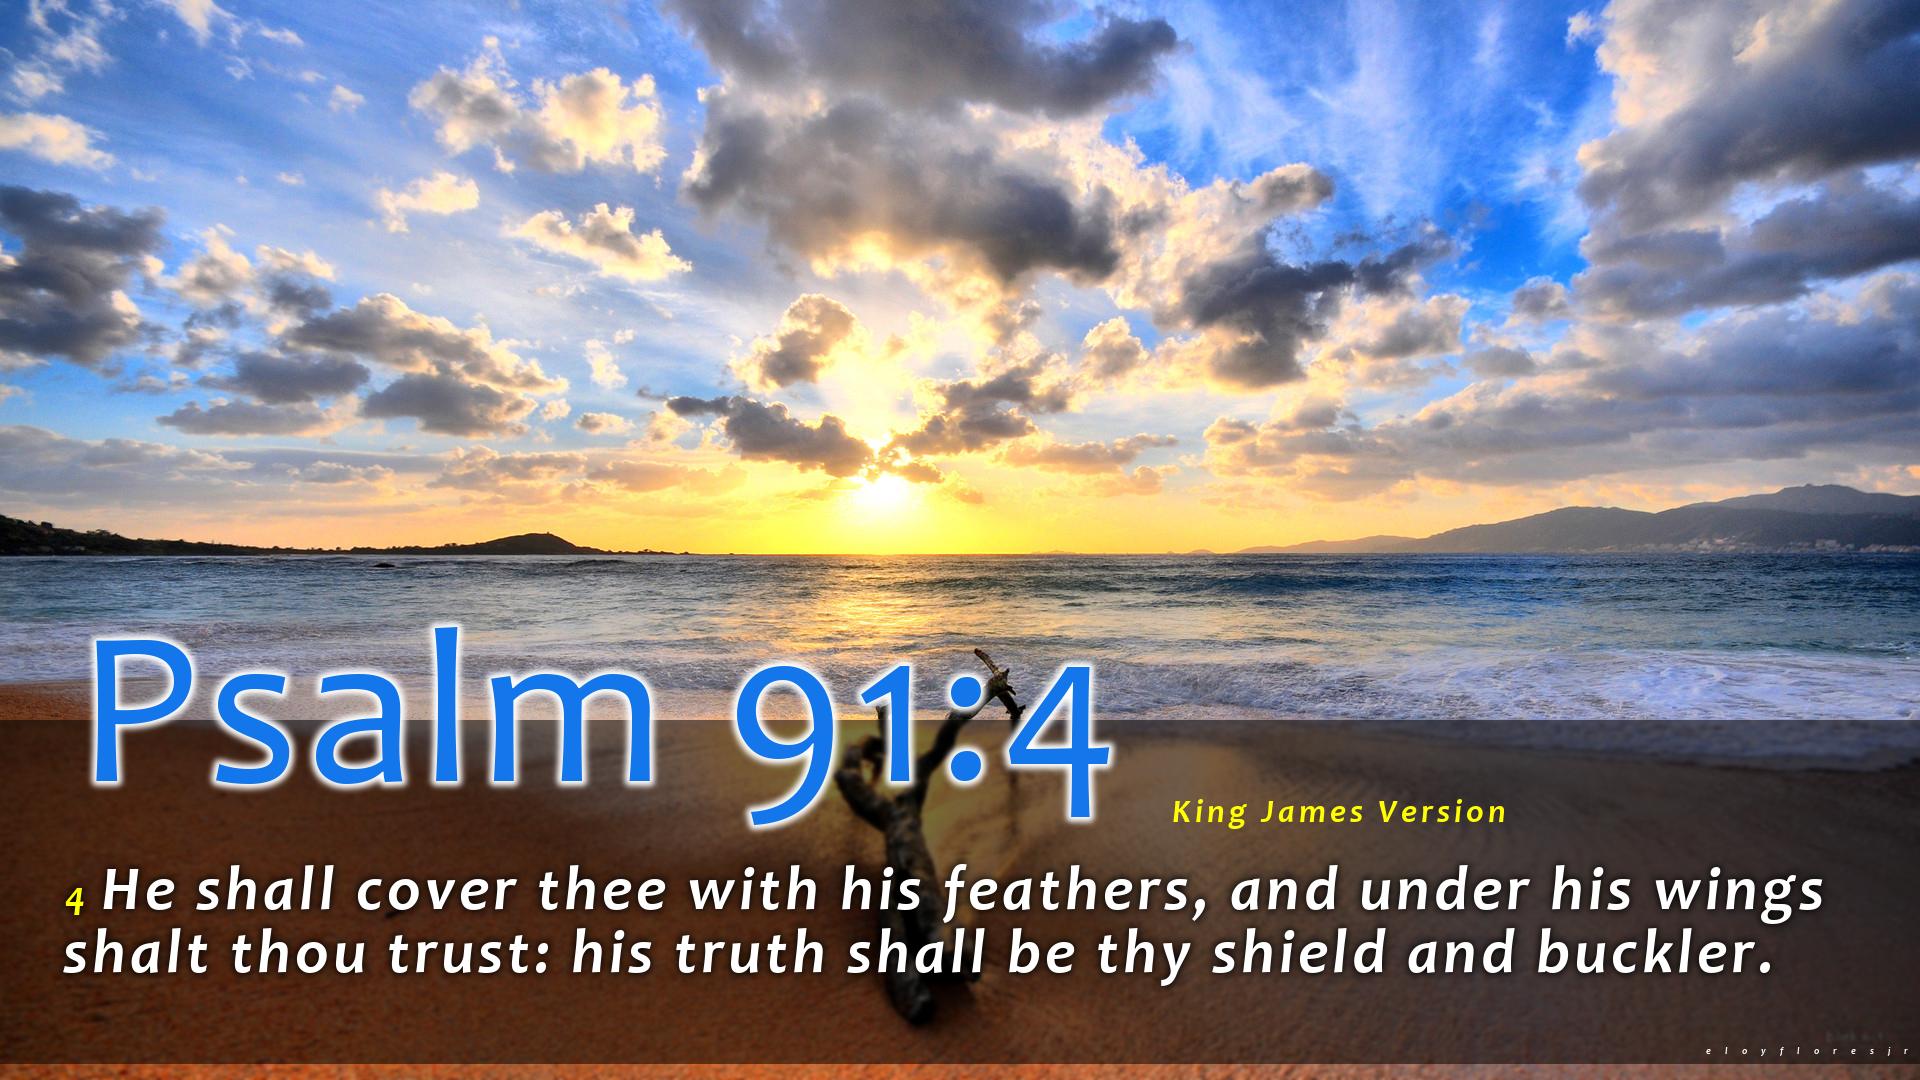 Psalm 914 HD Wallpaper 1920x1080 1920x1080